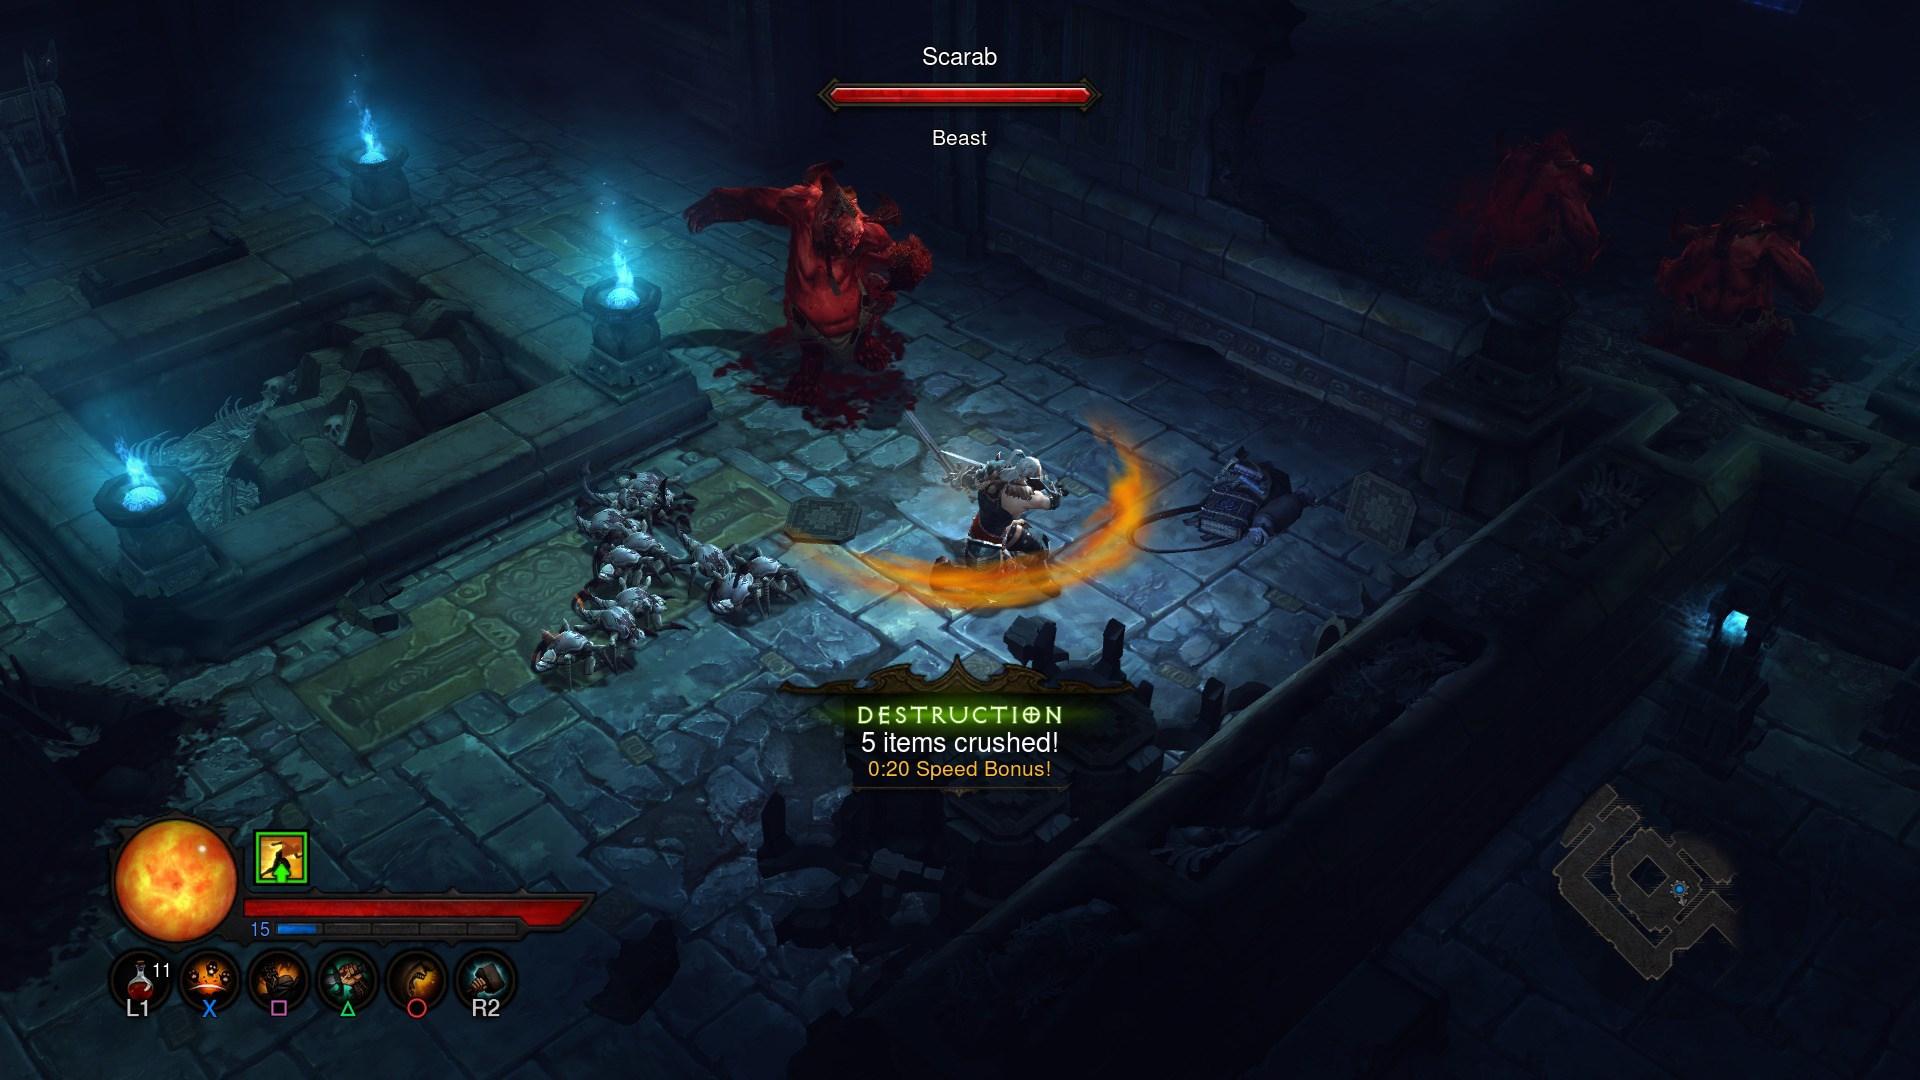 Gamescom 2014 : Screenshots de l'Ultimate Evil Edition sur PS4